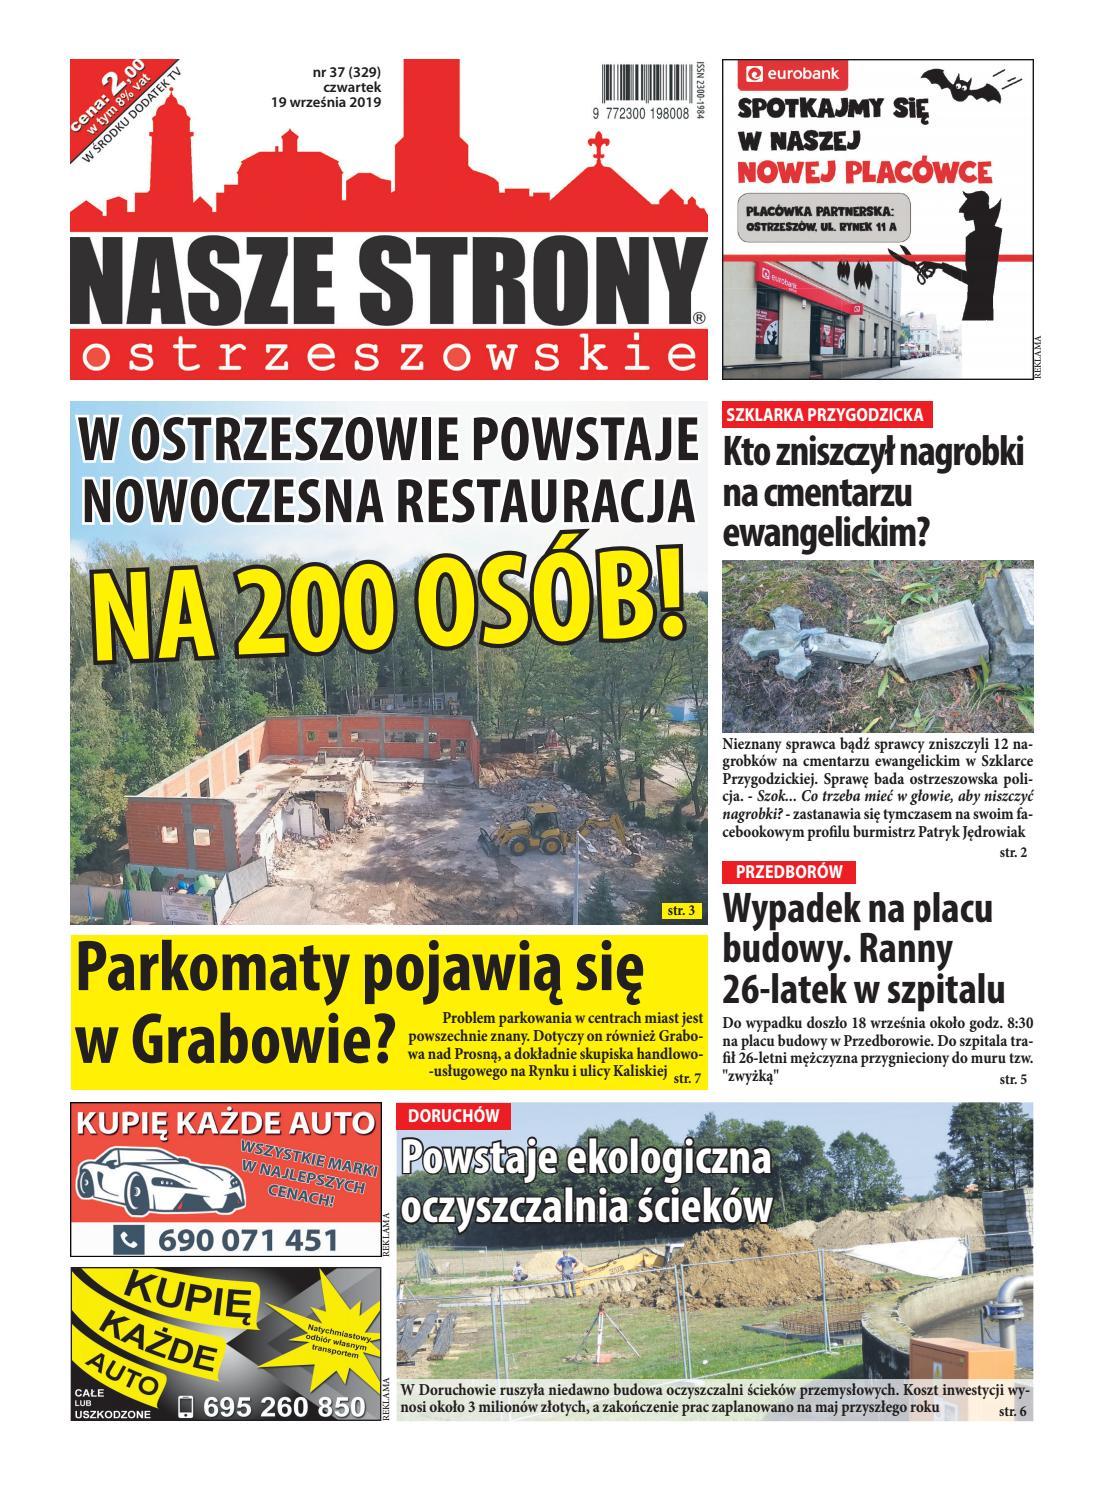 Ogoszenia Towarzyskie Japoskie U15 Porno Poznaj Samotne